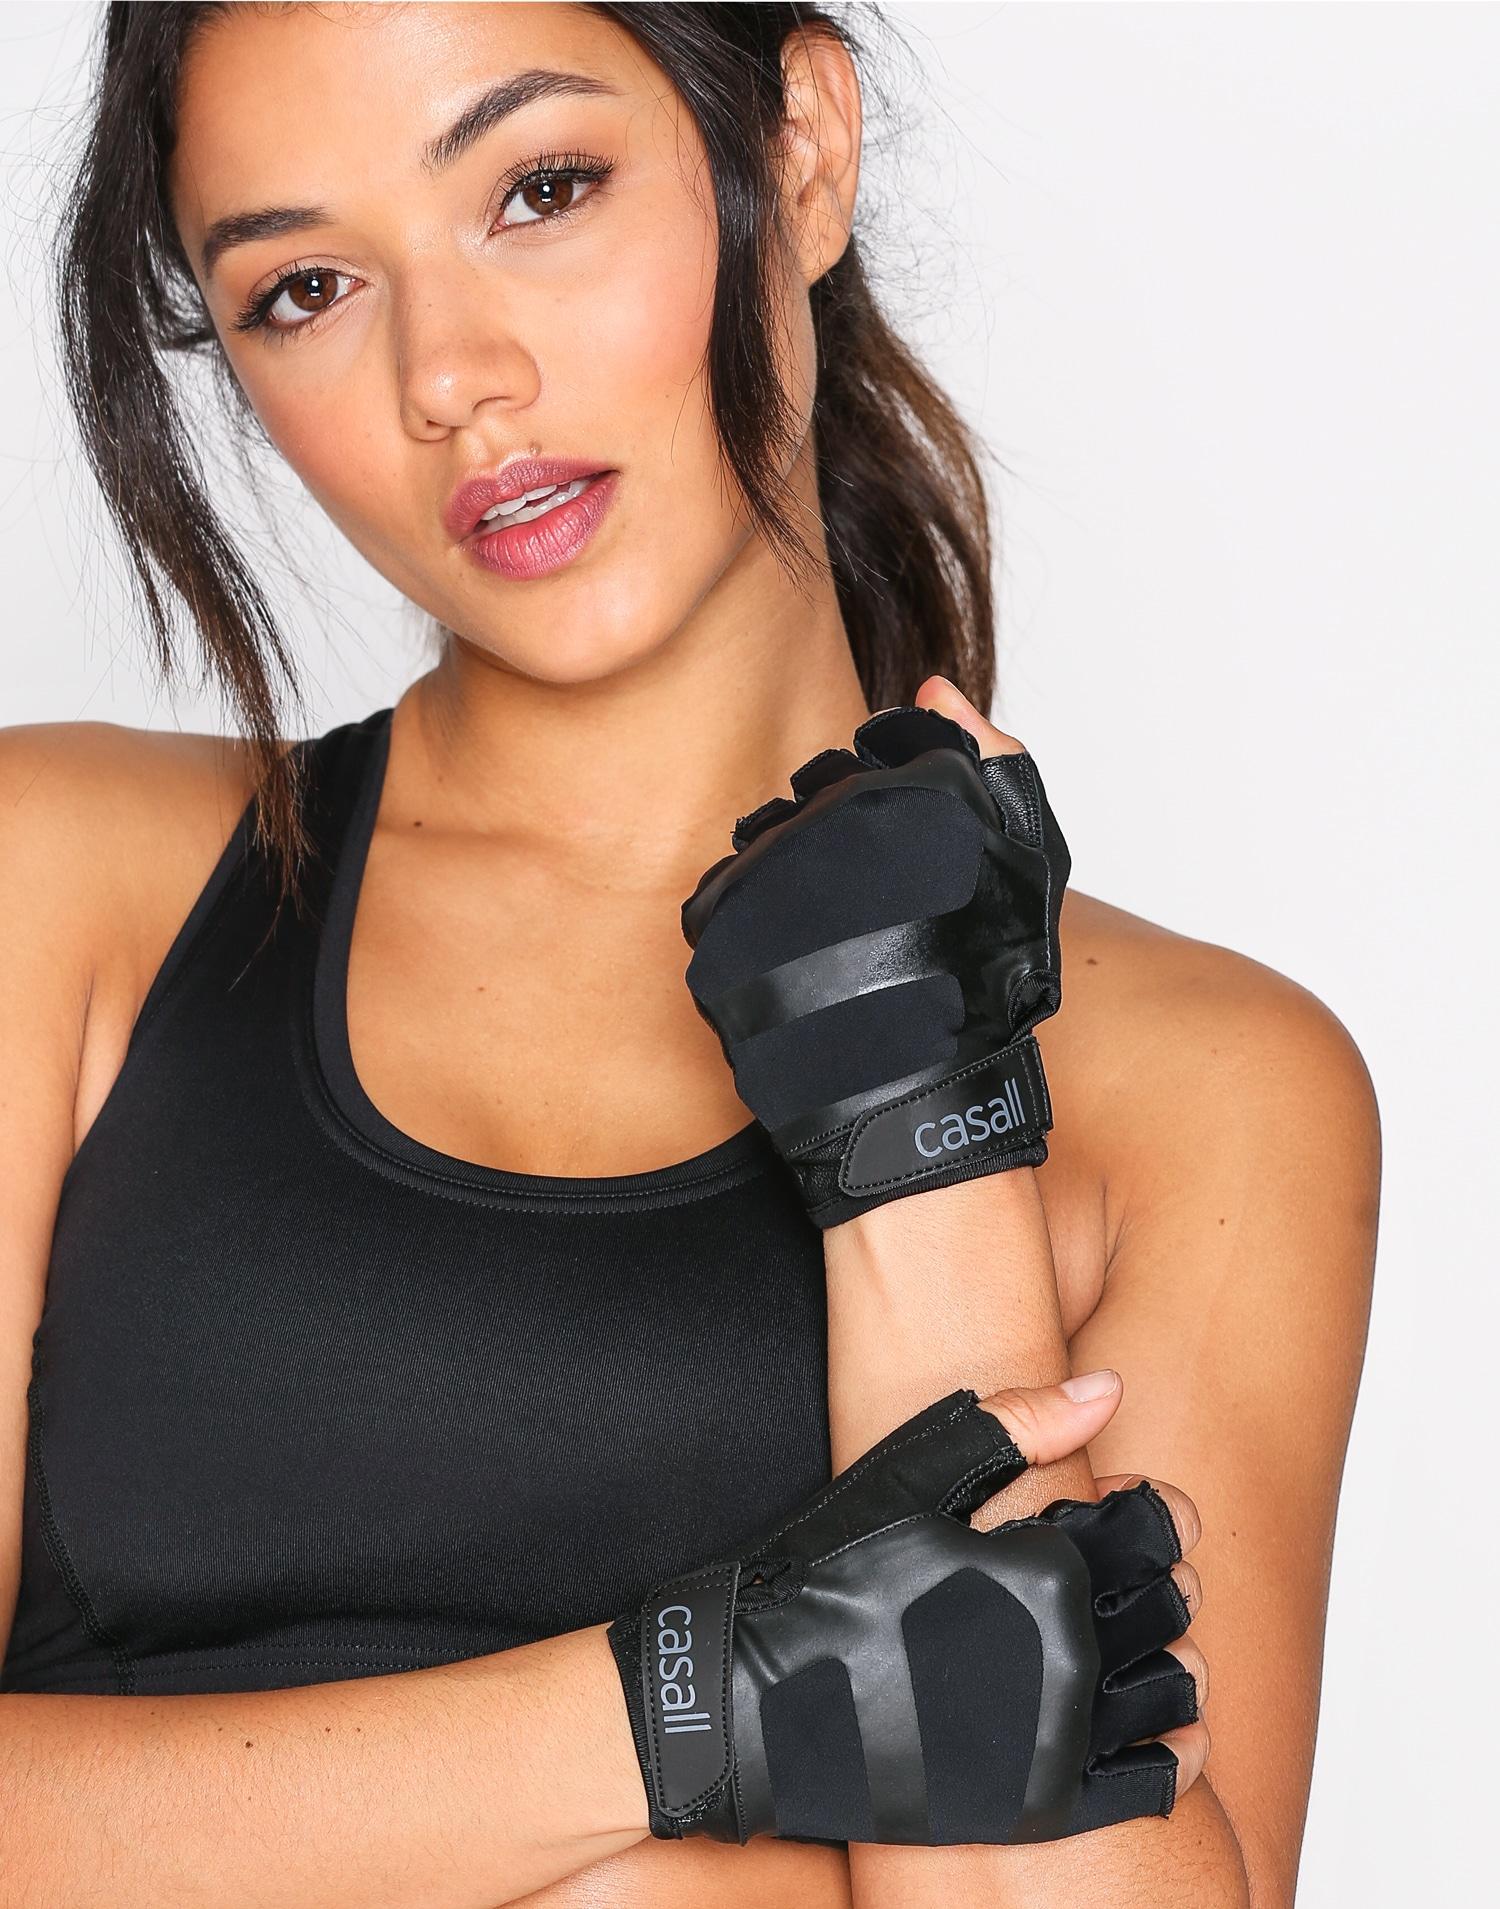 Casall gymhandskar dam svarta